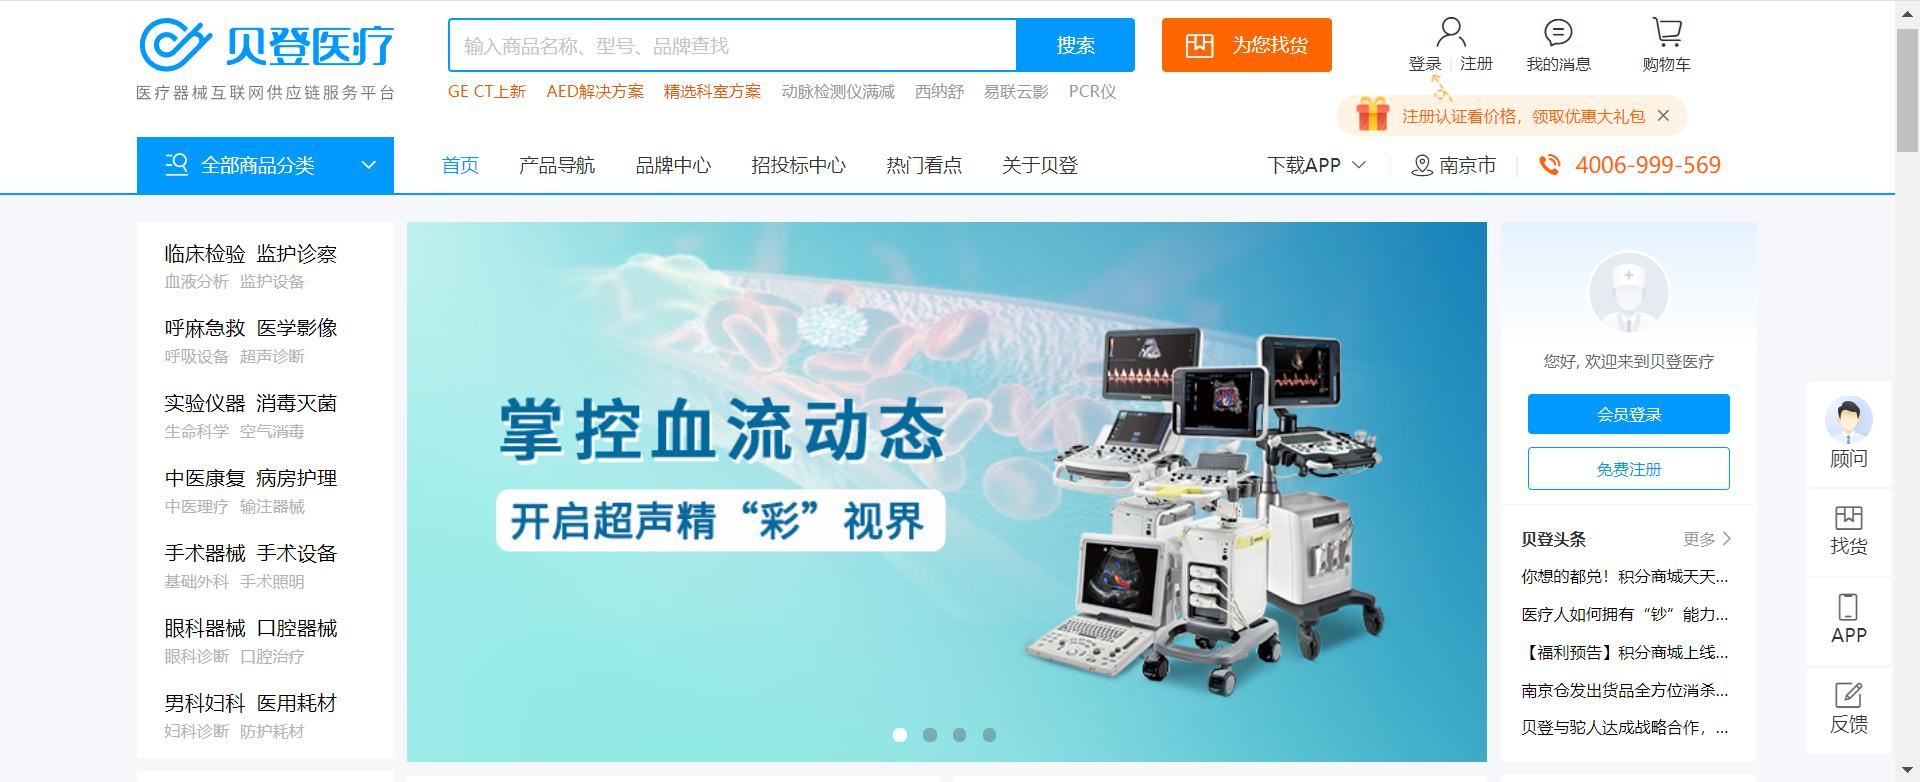 医疗器械经销商采购平台